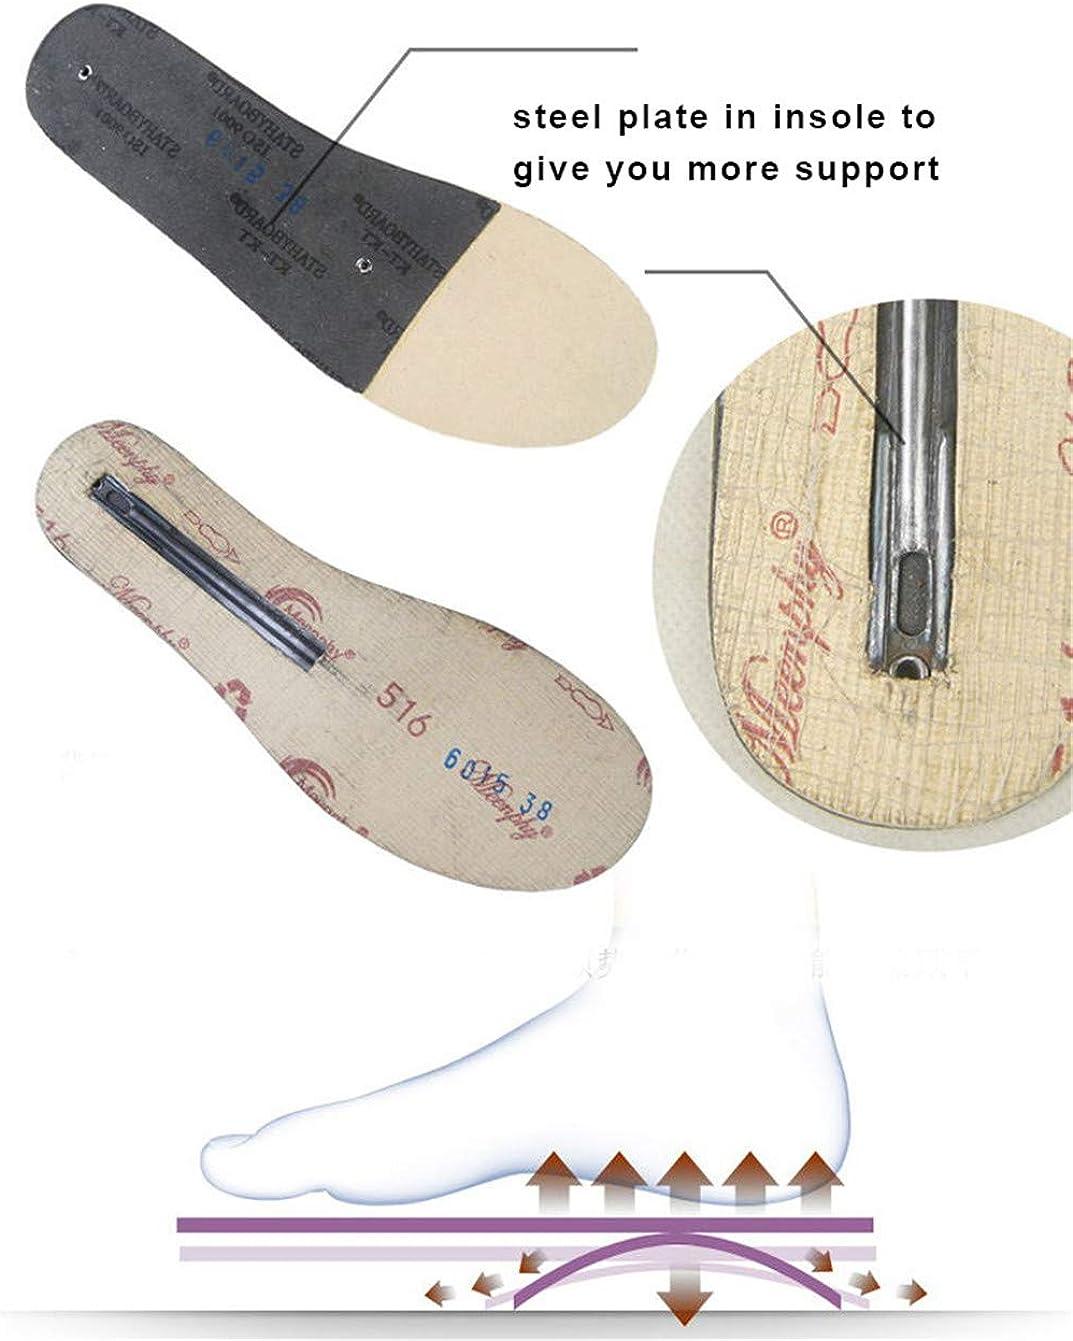 Herren Martin Stiefel Vollrindleder High Top Stiefeletten Baumwolle gepolsterte Lederschuhe Retro Tooling Stiefel für Vier Jahreszeiten Yellow AnTm2